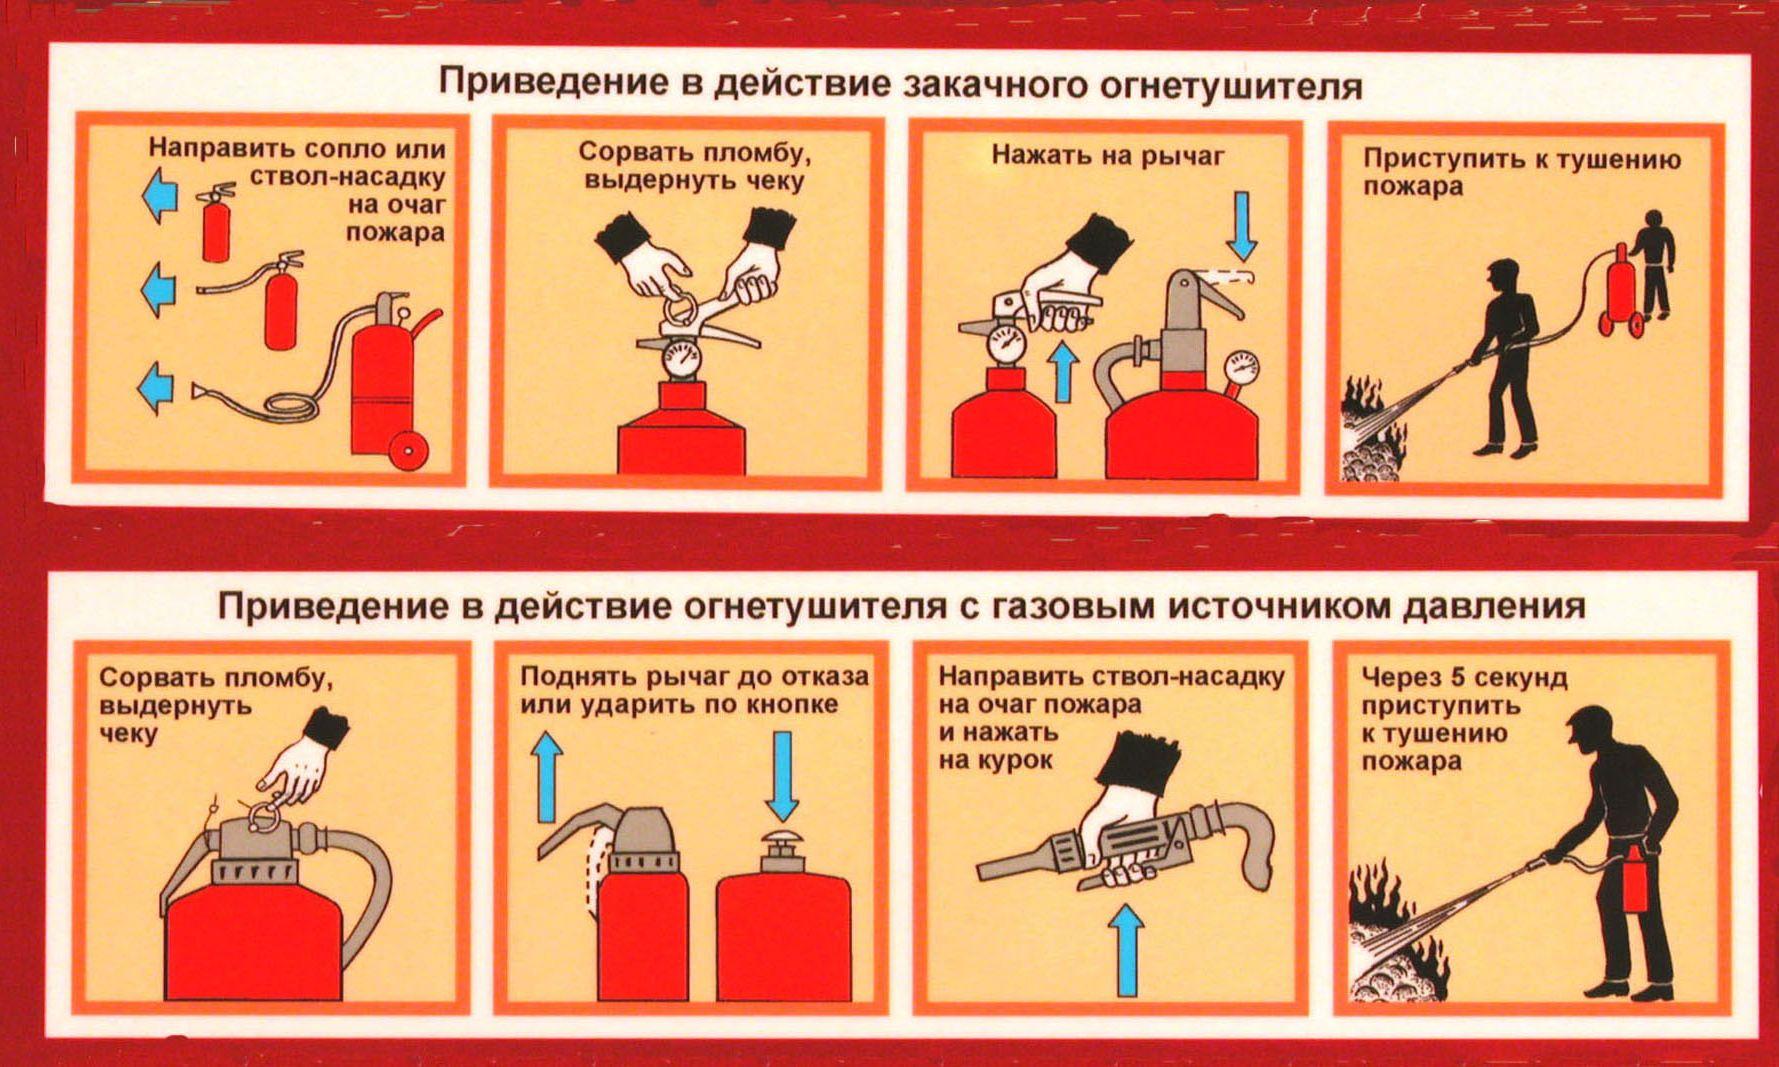 Схема пользования огнетушителя